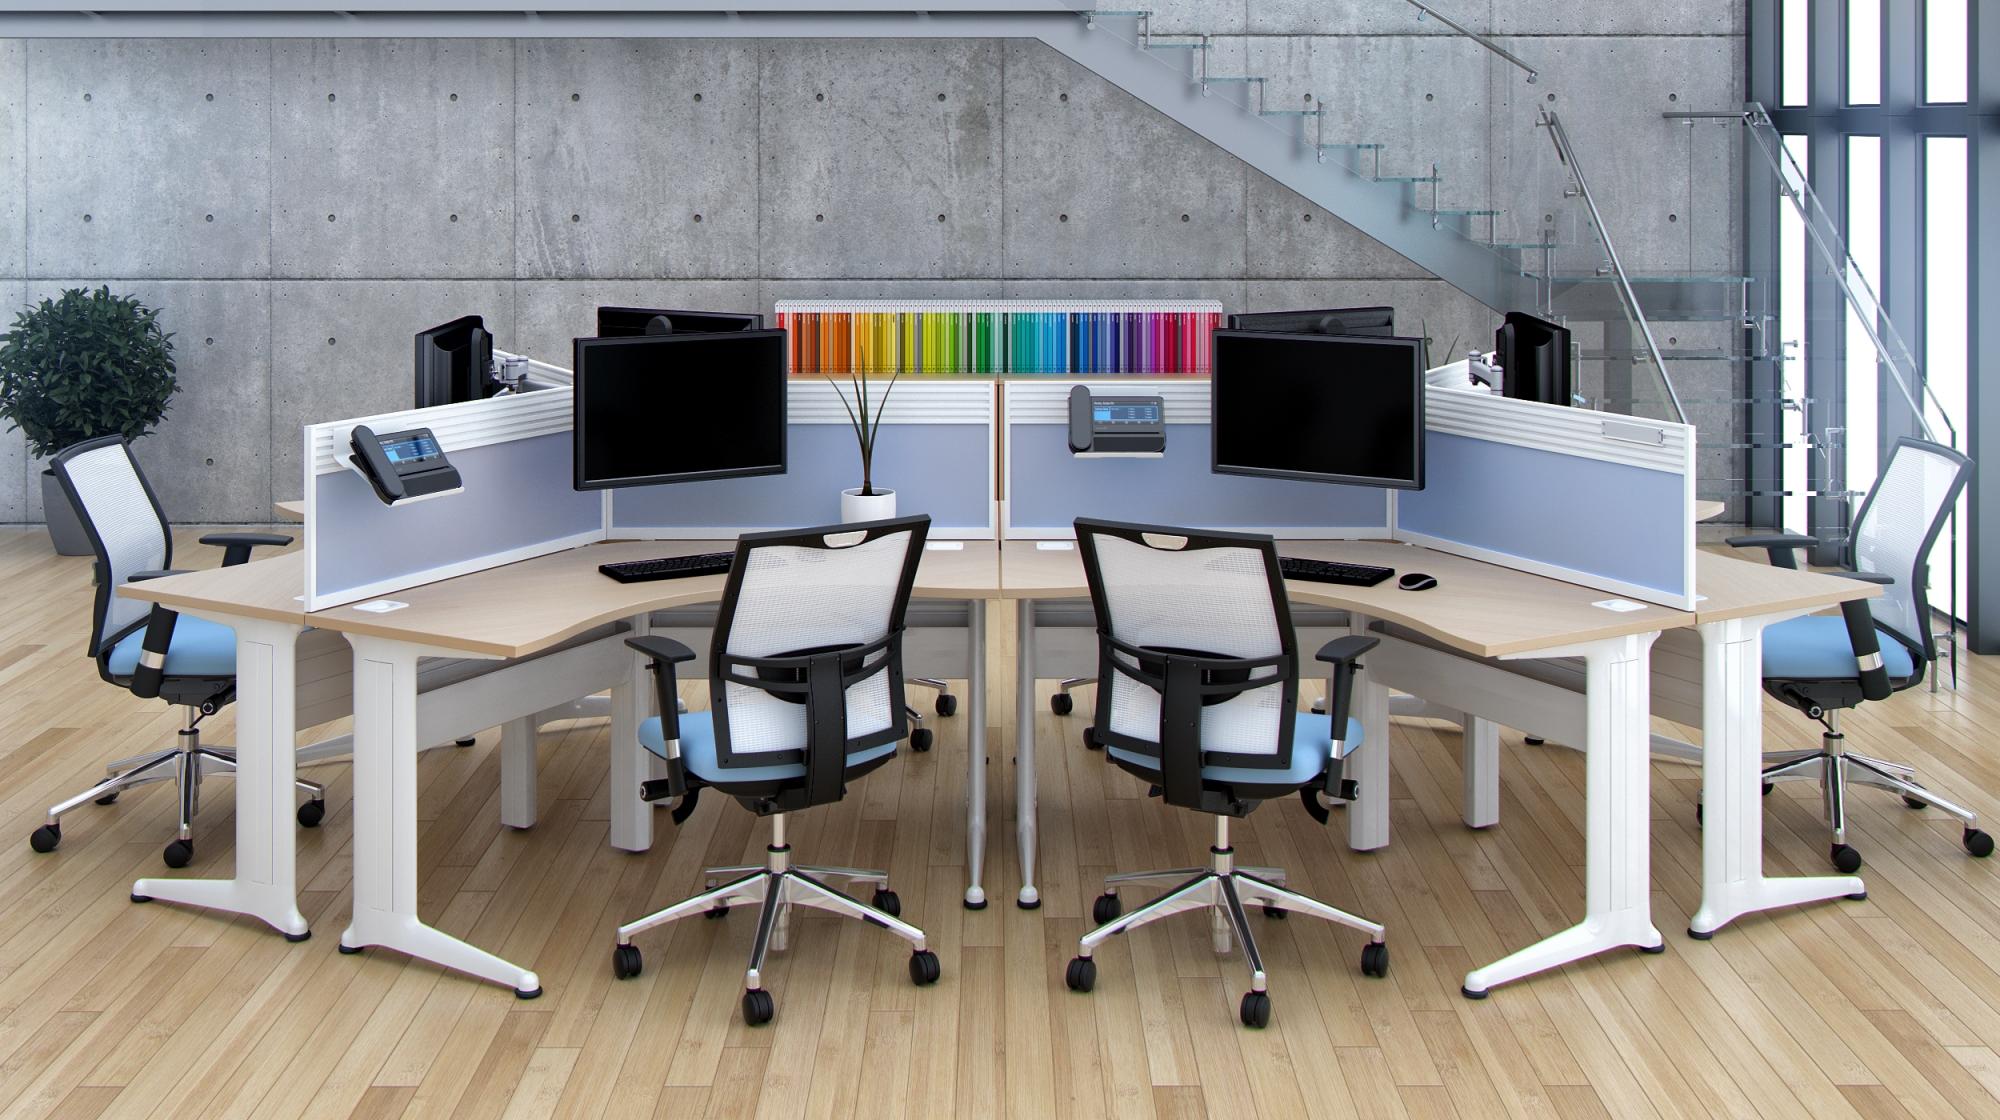 trang trí nội thất văn phòng nhỏ